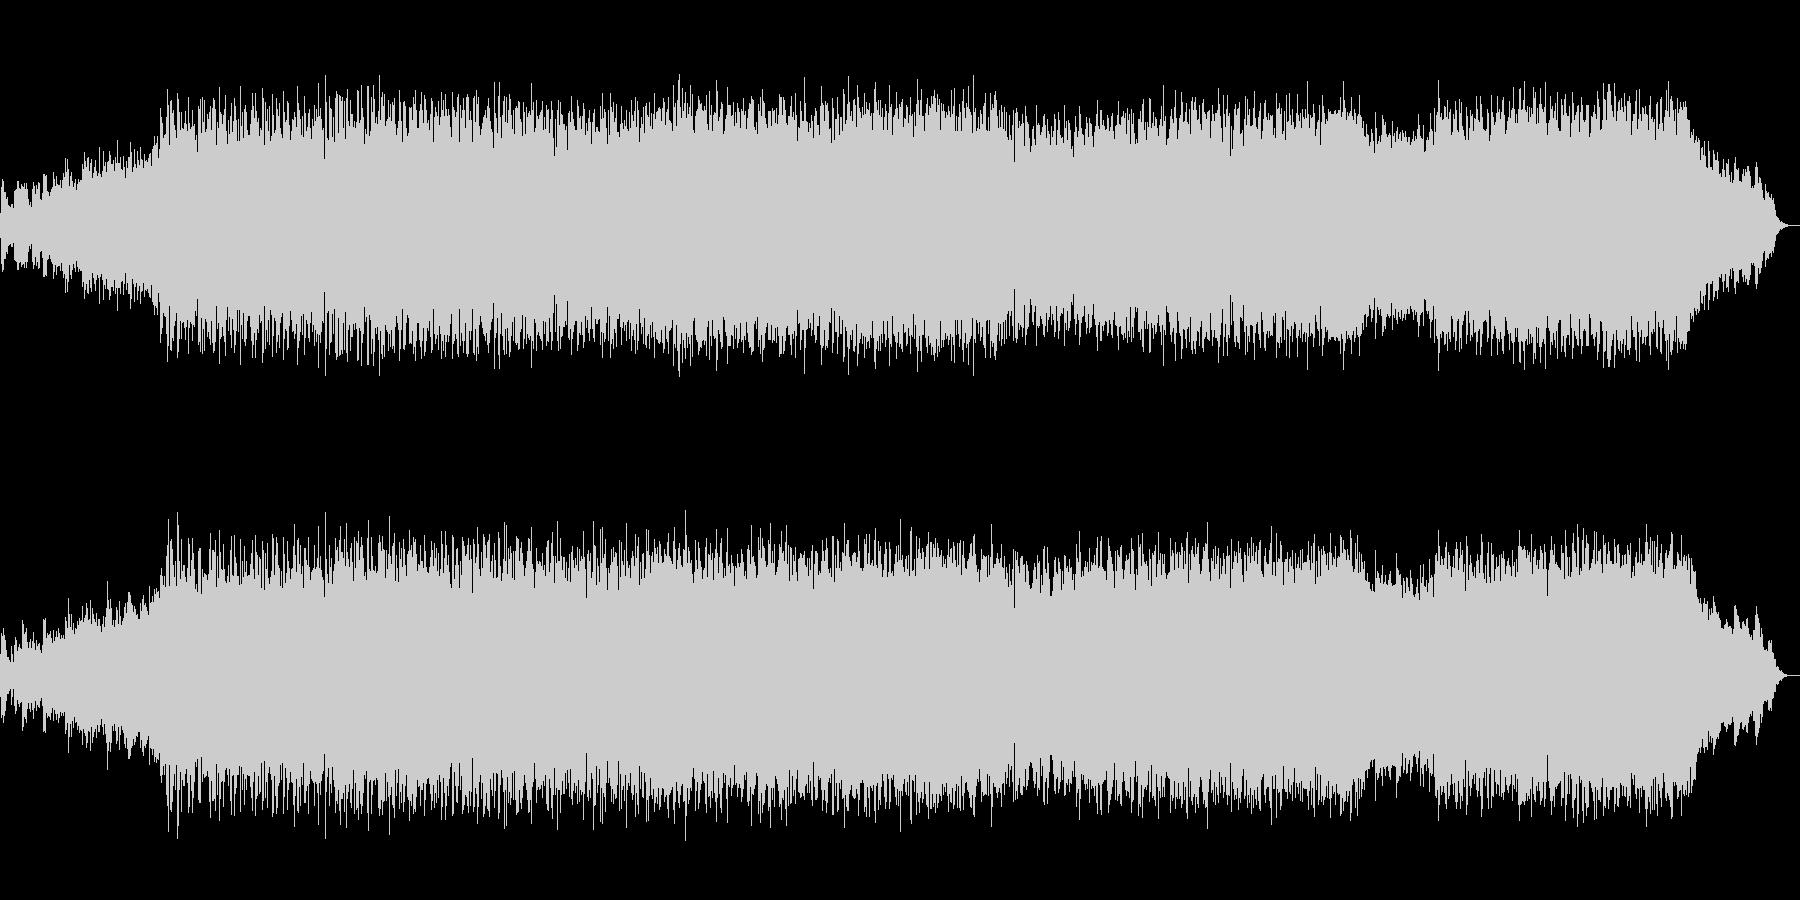 生演奏バイオリンの近未来的ドラムンベースの未再生の波形